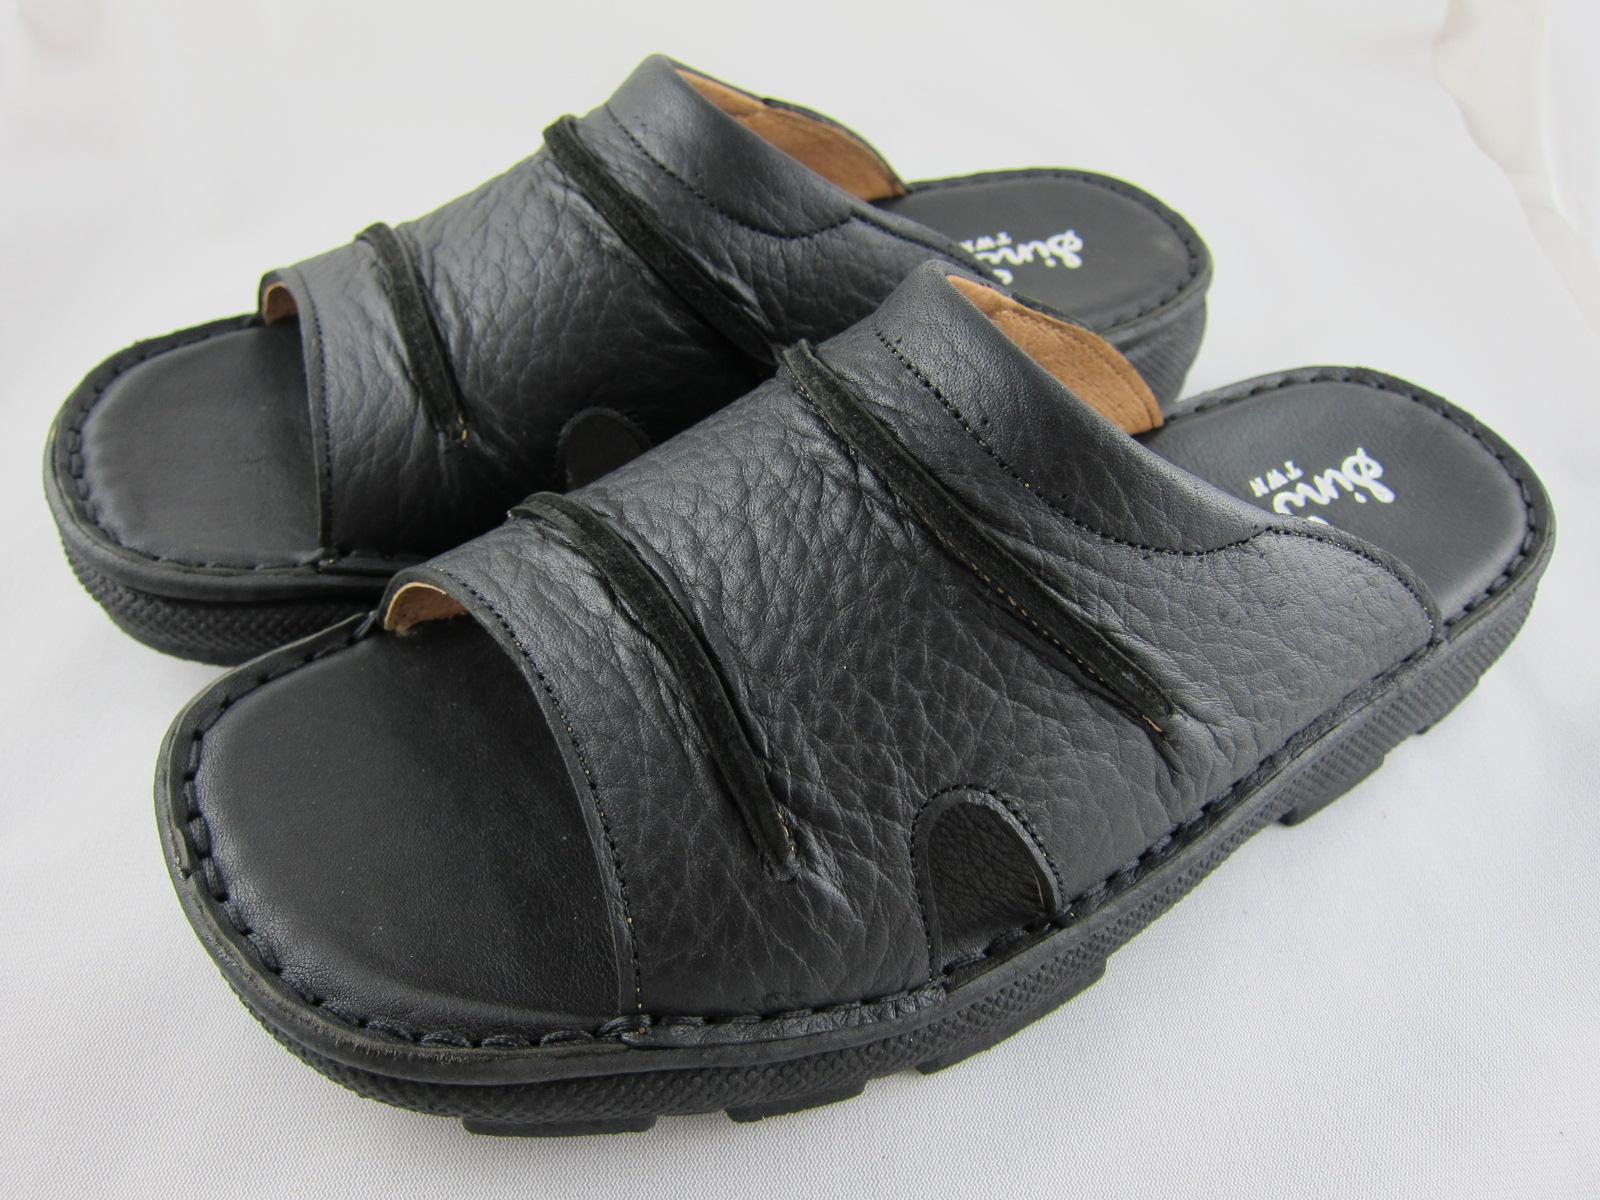 真皮工坊~穿過的都說讚【B1015】比氣墊鞋好穿*保證㊣牛皮真皮手工男拖鞋【顏色多種可自選、顏色挑選請參考首頁】